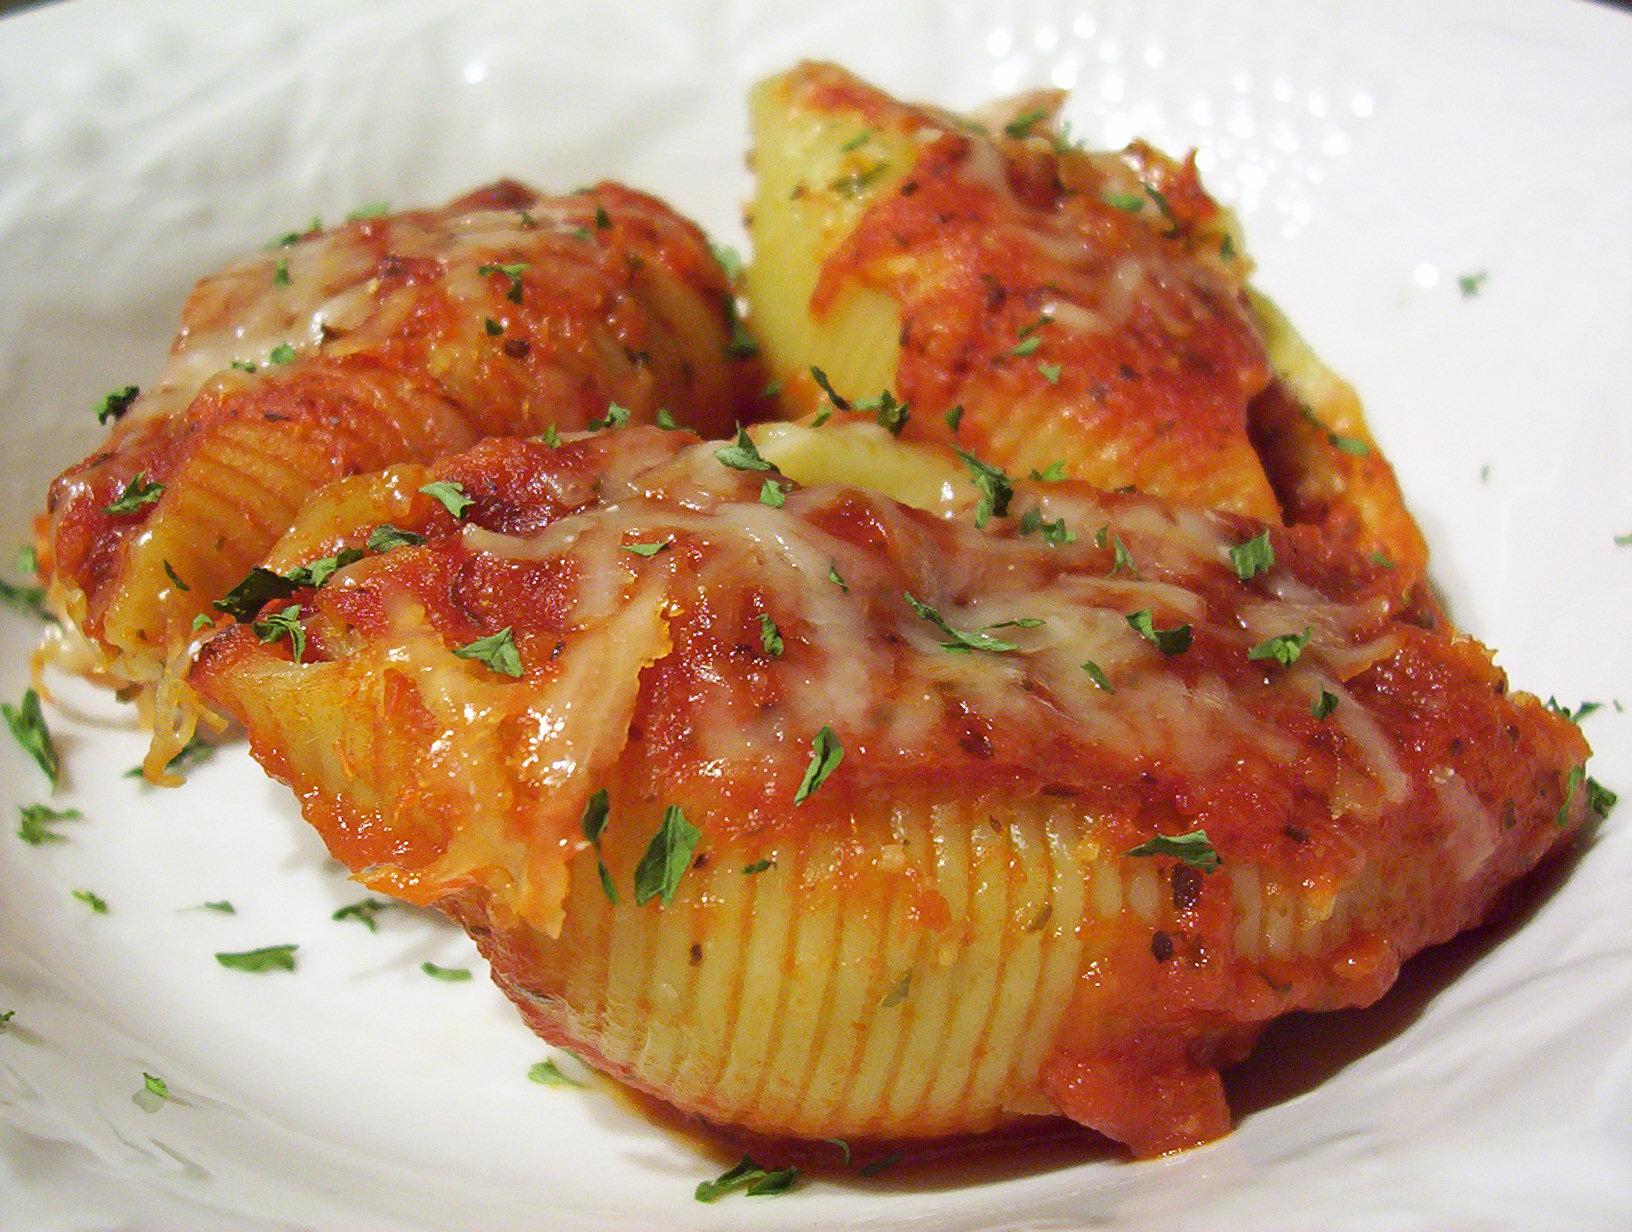 I Hate Ricotta Meat & 2 Cheese Stuffed Shells